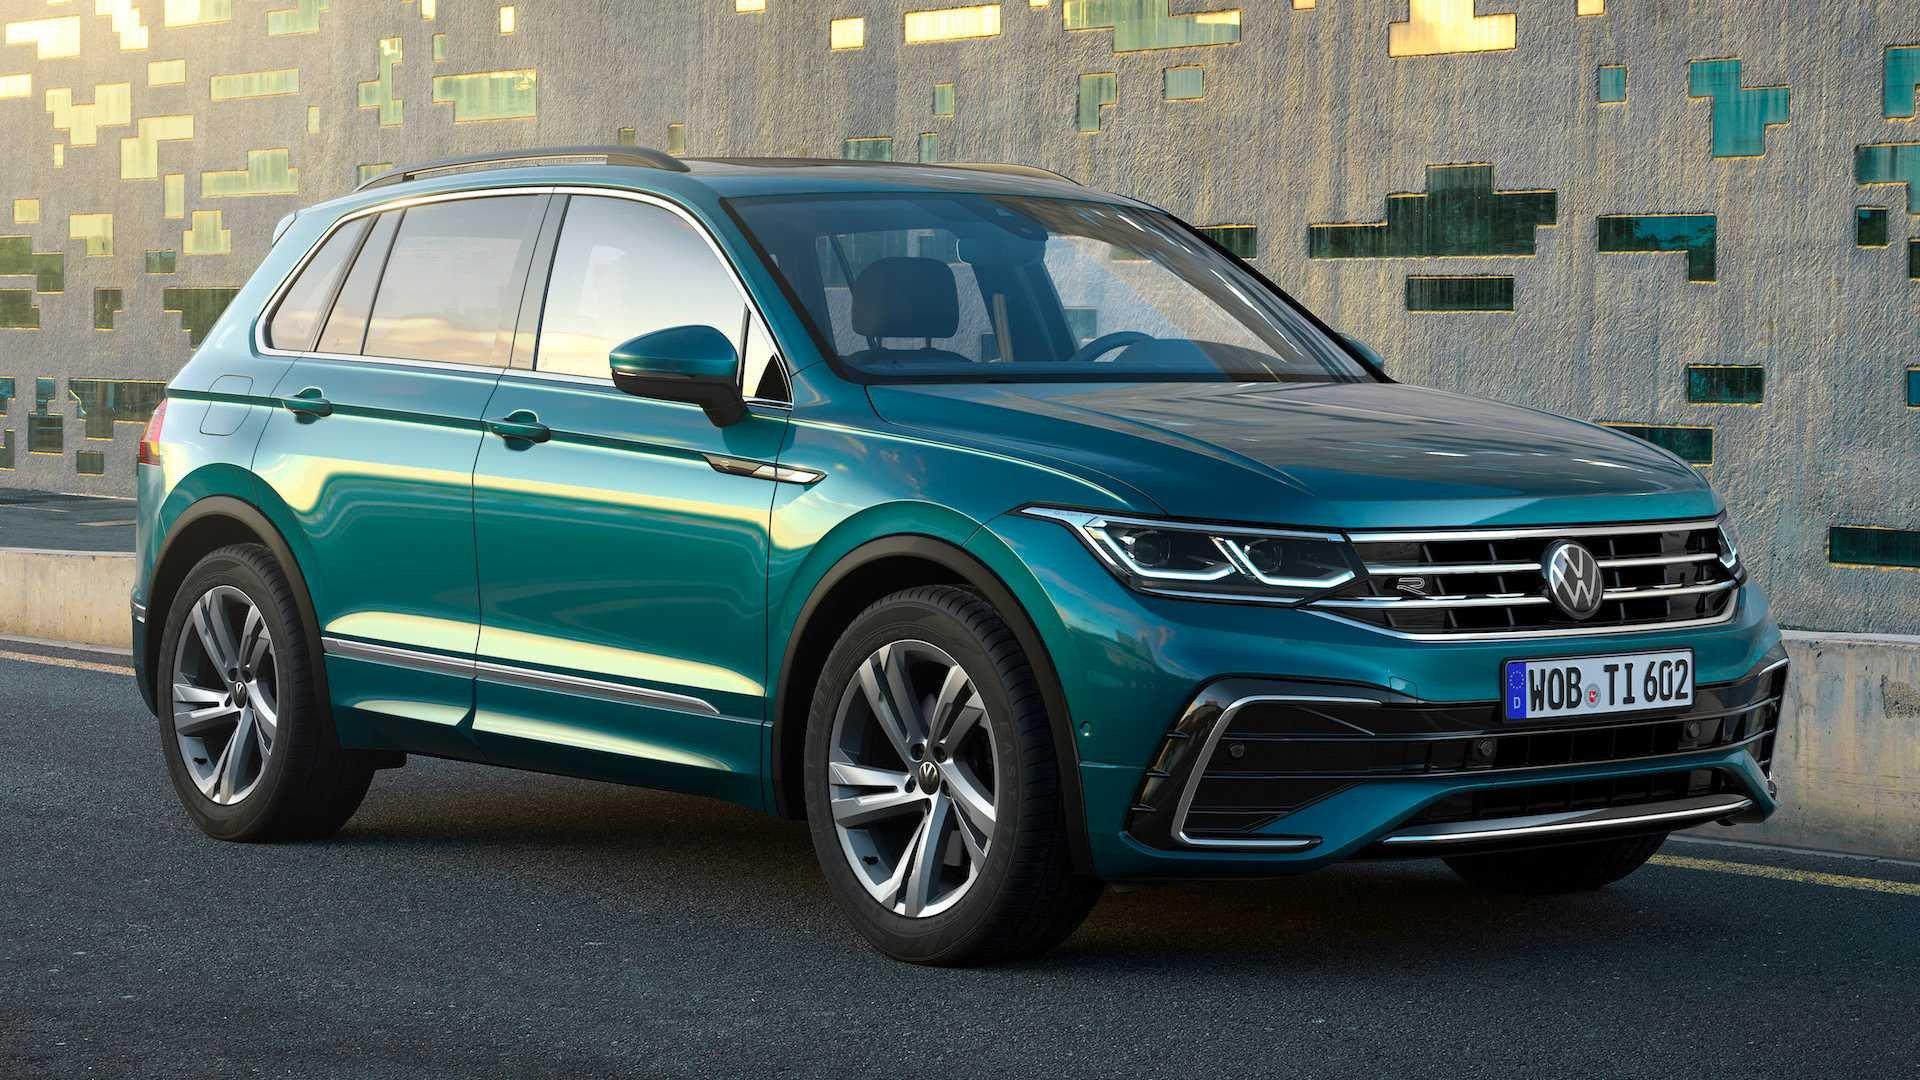 Volkswagen Tiguan 2021: обзор характеристик, дизайна и основных обновлений, полученных результате рестайлинга